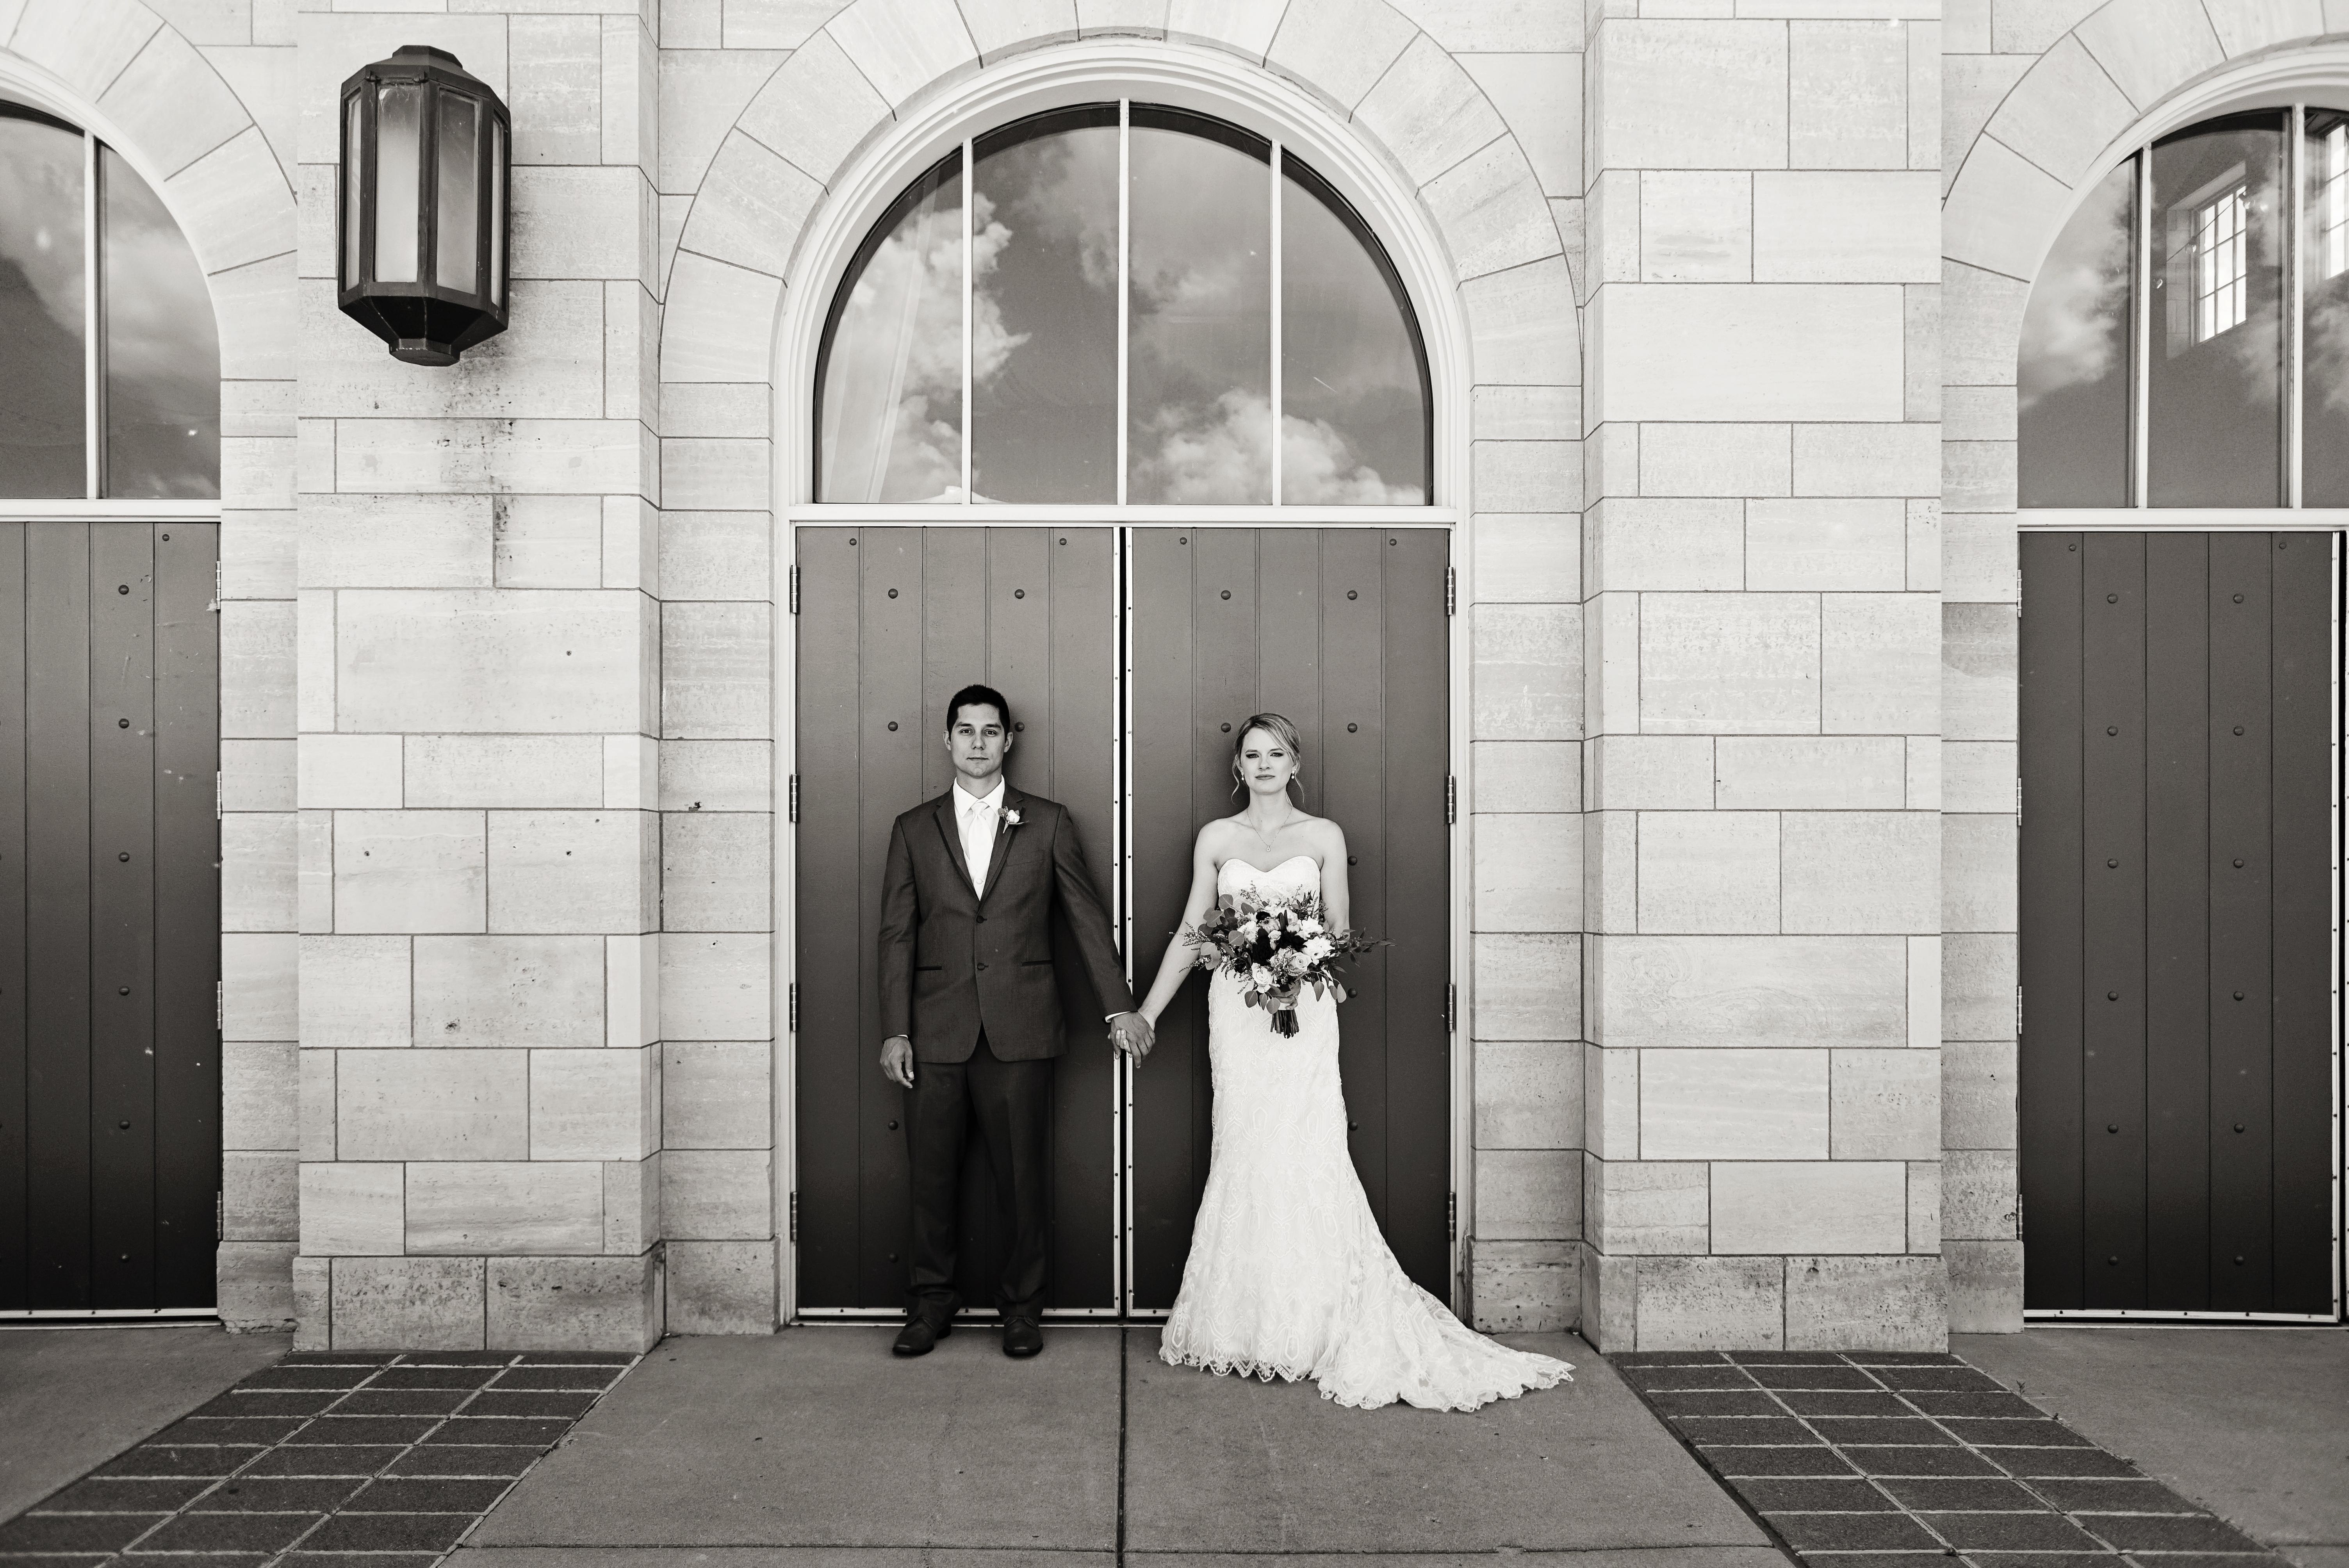 twincities wedding photography east oaks photography wedding photo (4)